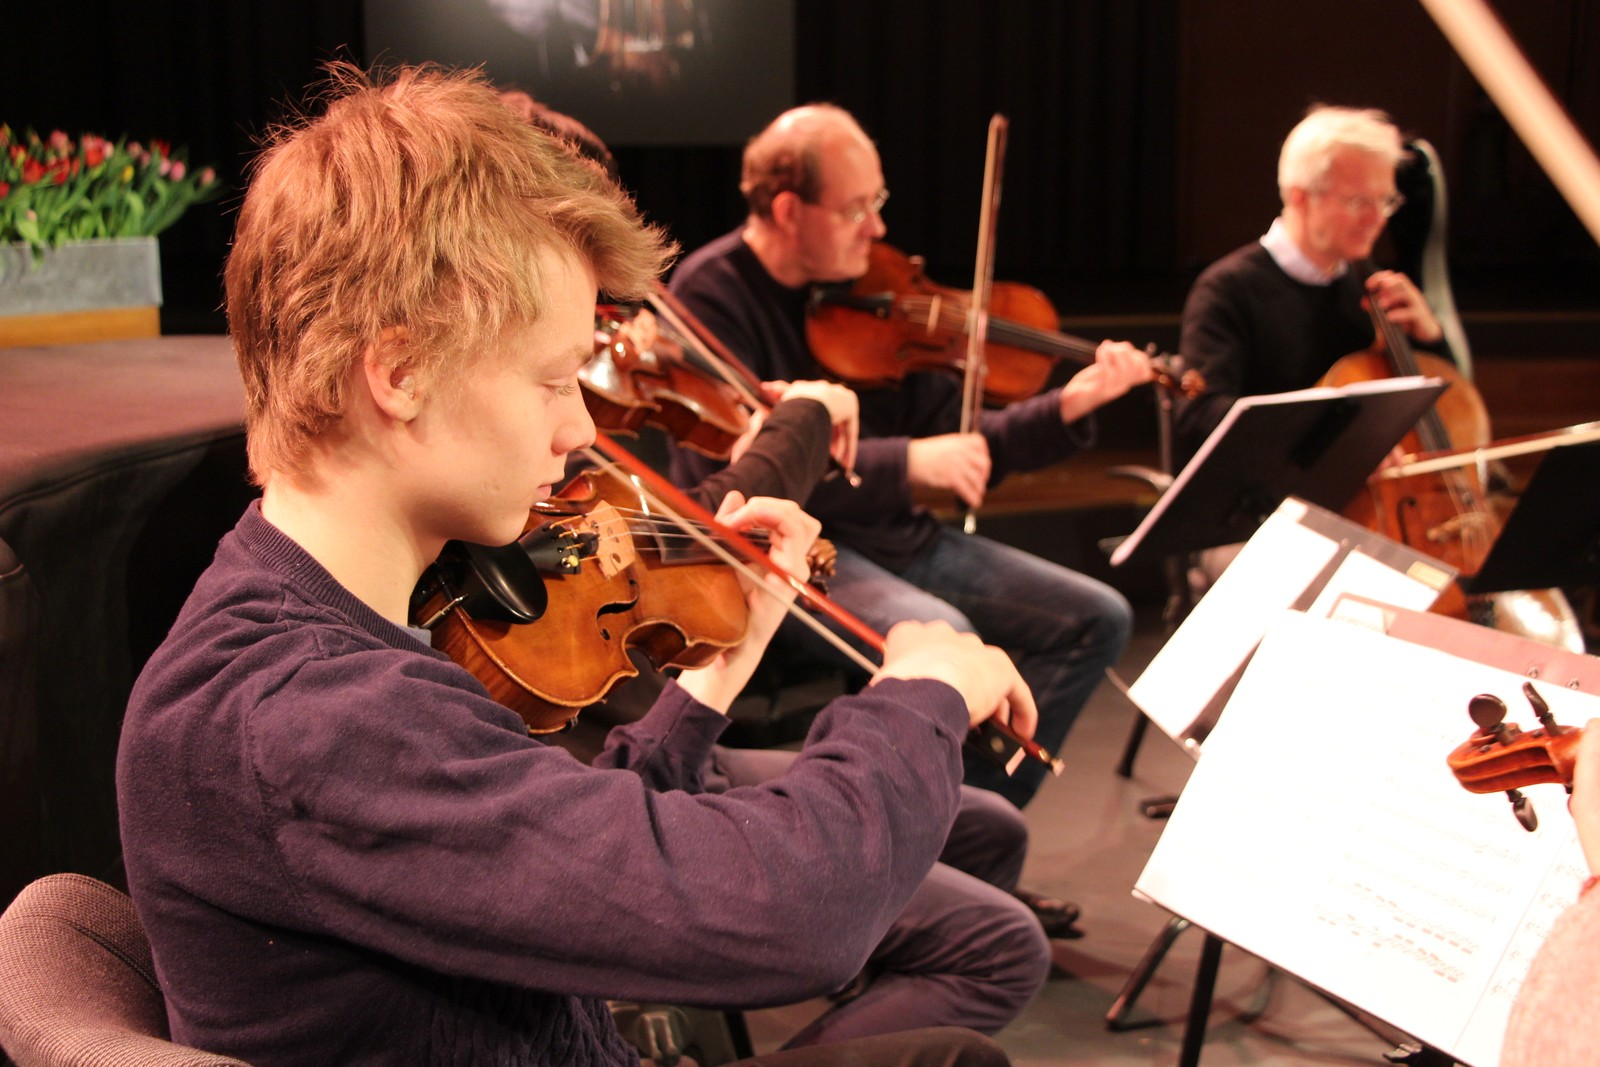 Joakim Røbergshagen øver til konsert med KonstKnekt og Berlinfilarmonien.